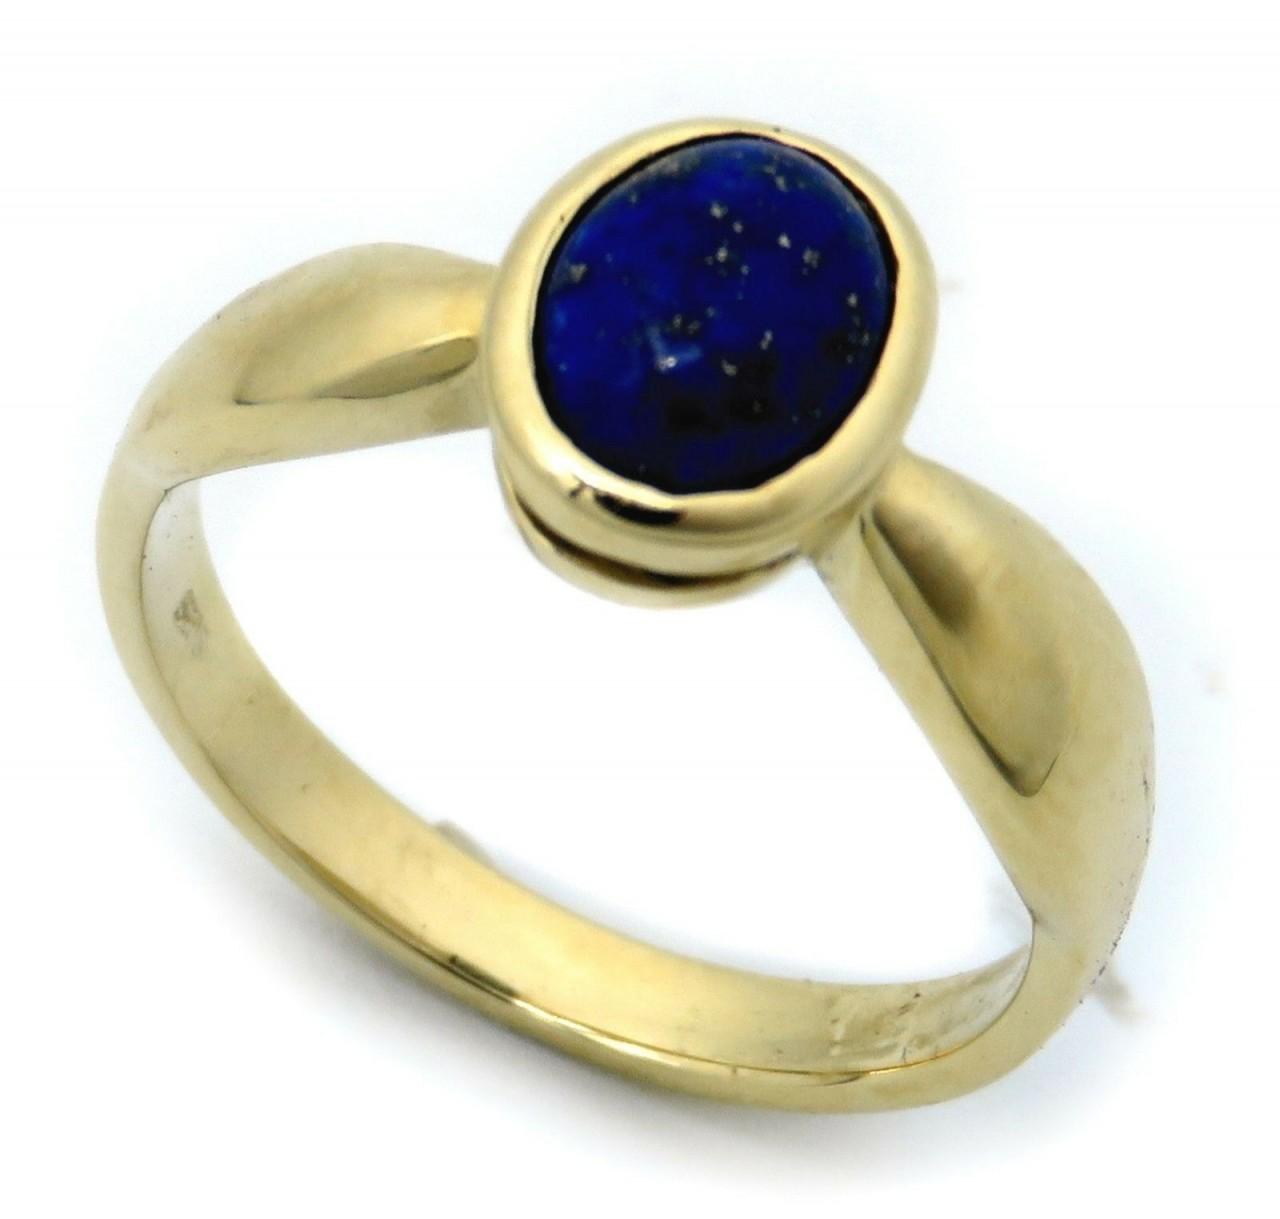 Damen Ring echt Lapislazuli 8 x 6 echt Gold 333 Zarge Gelbgold Qualität Lapis